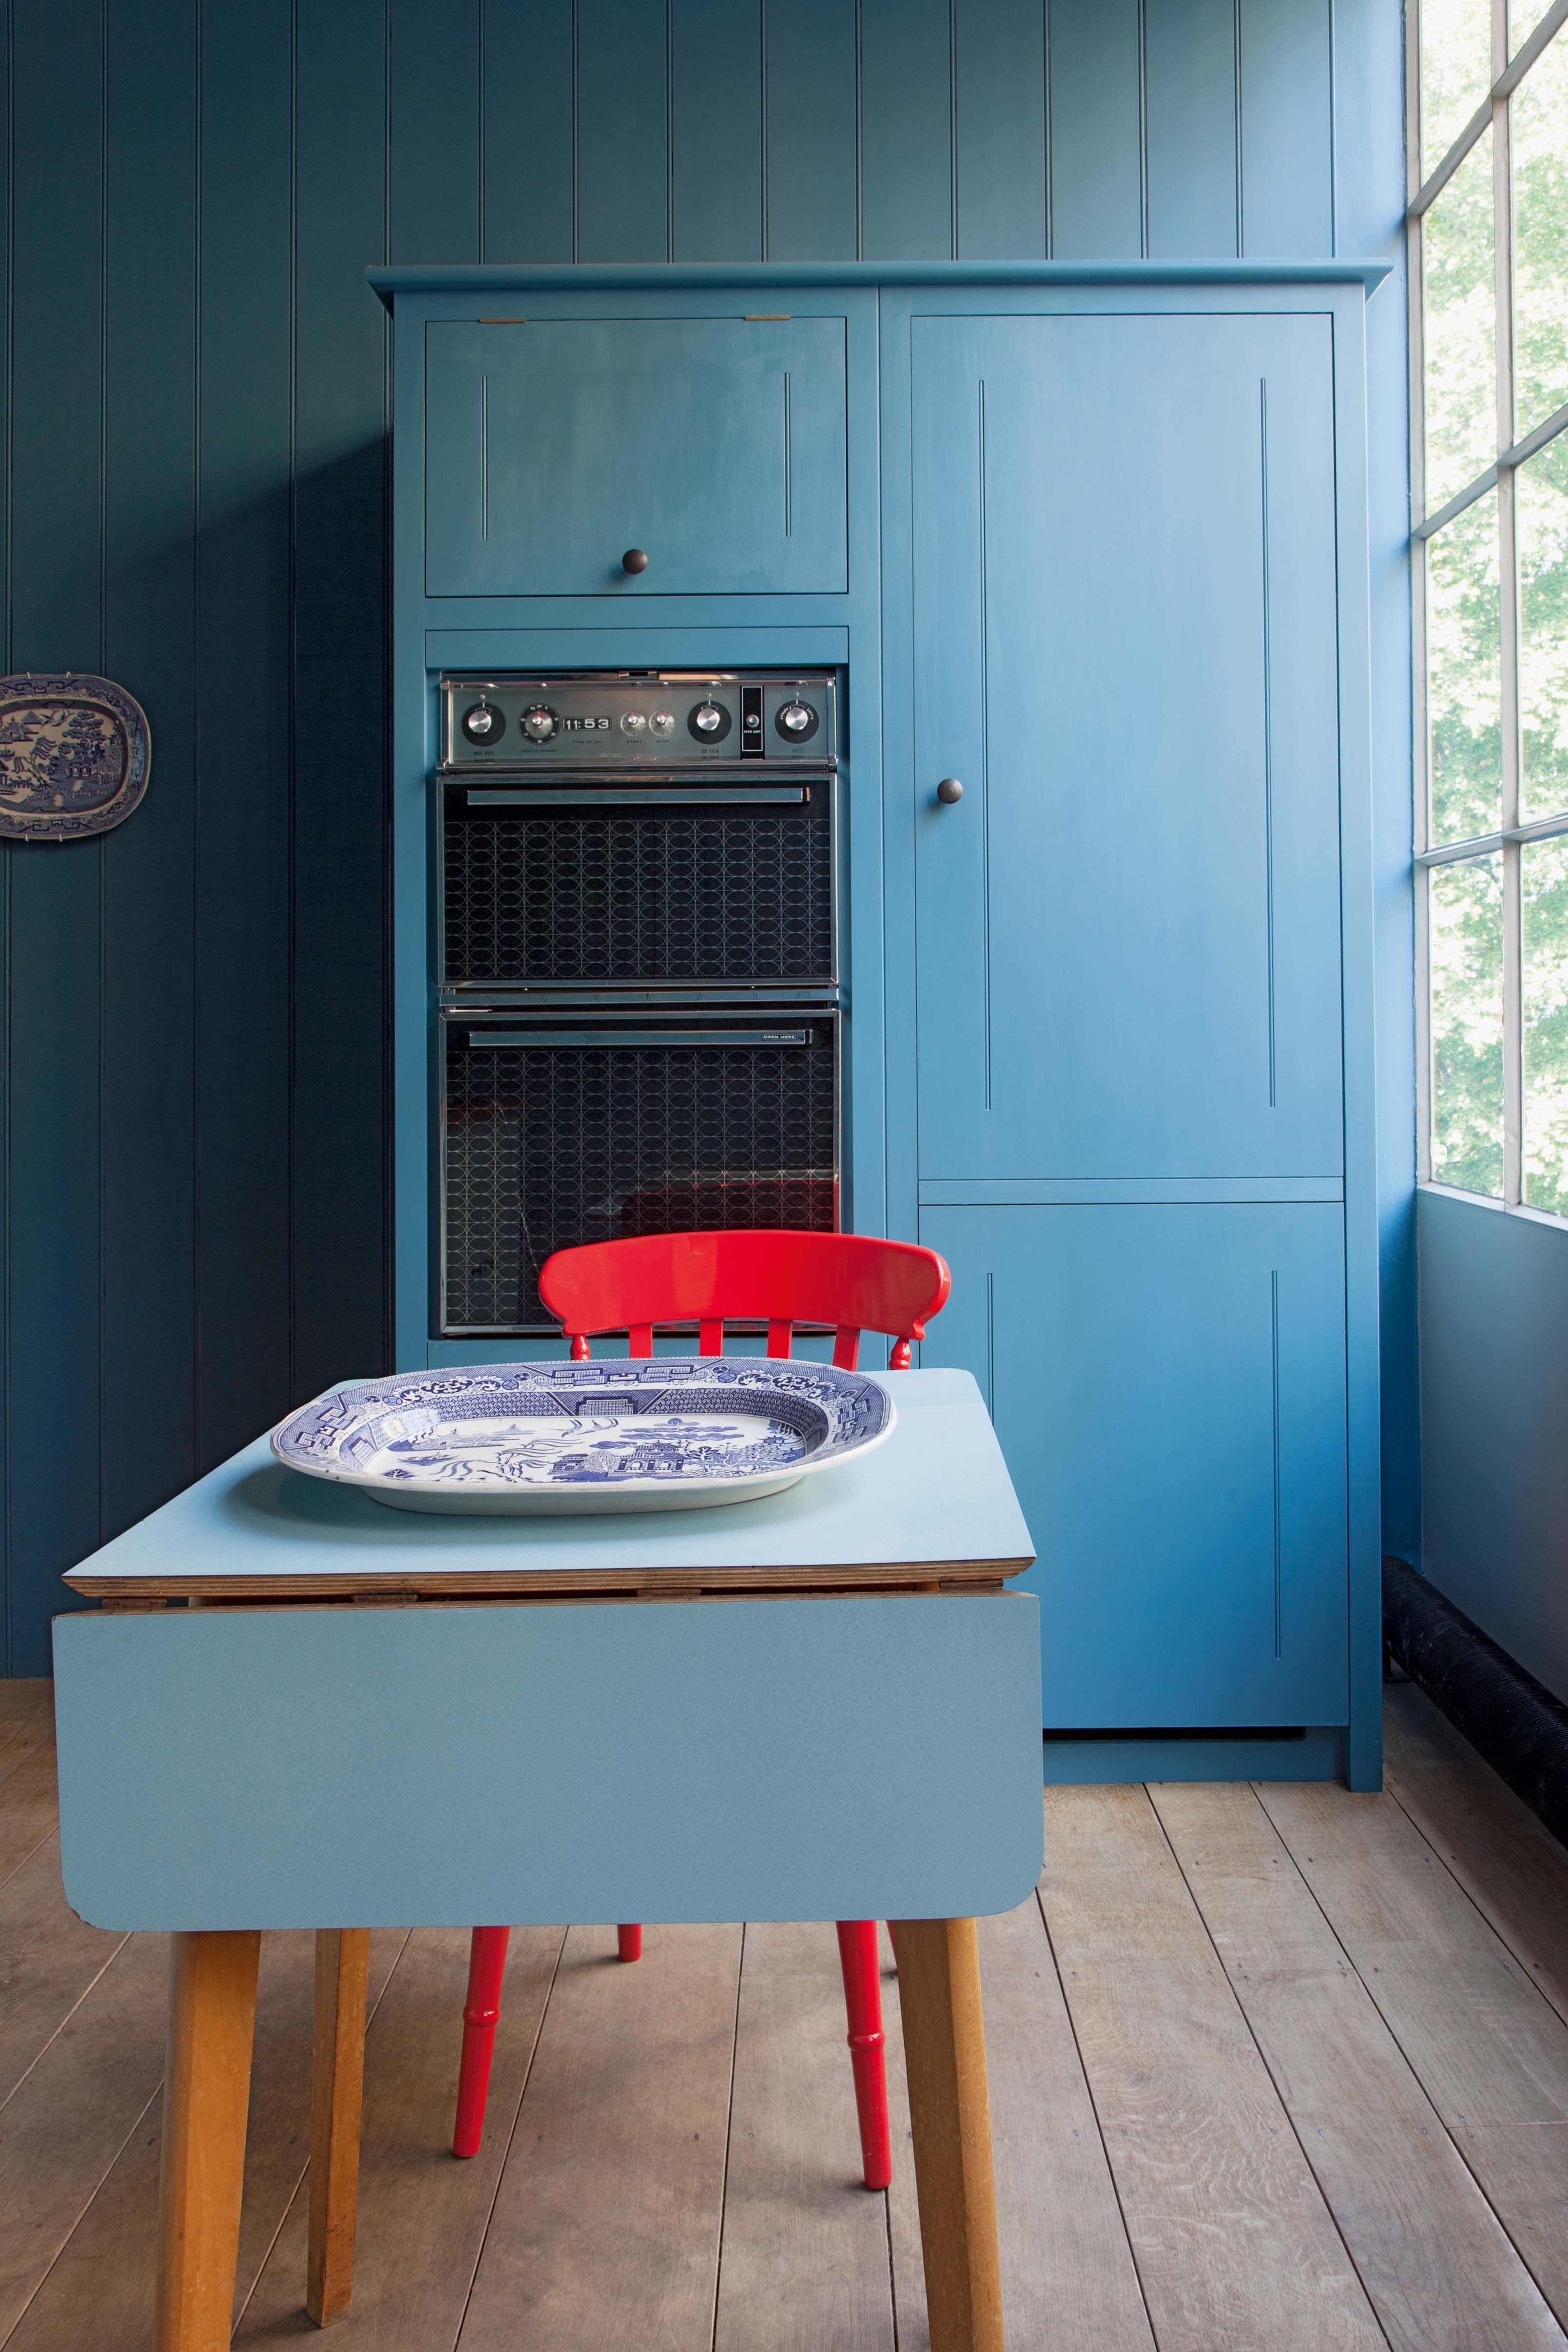 Kitchen of the Week: British Standard Kitchen in Bold Blue ...